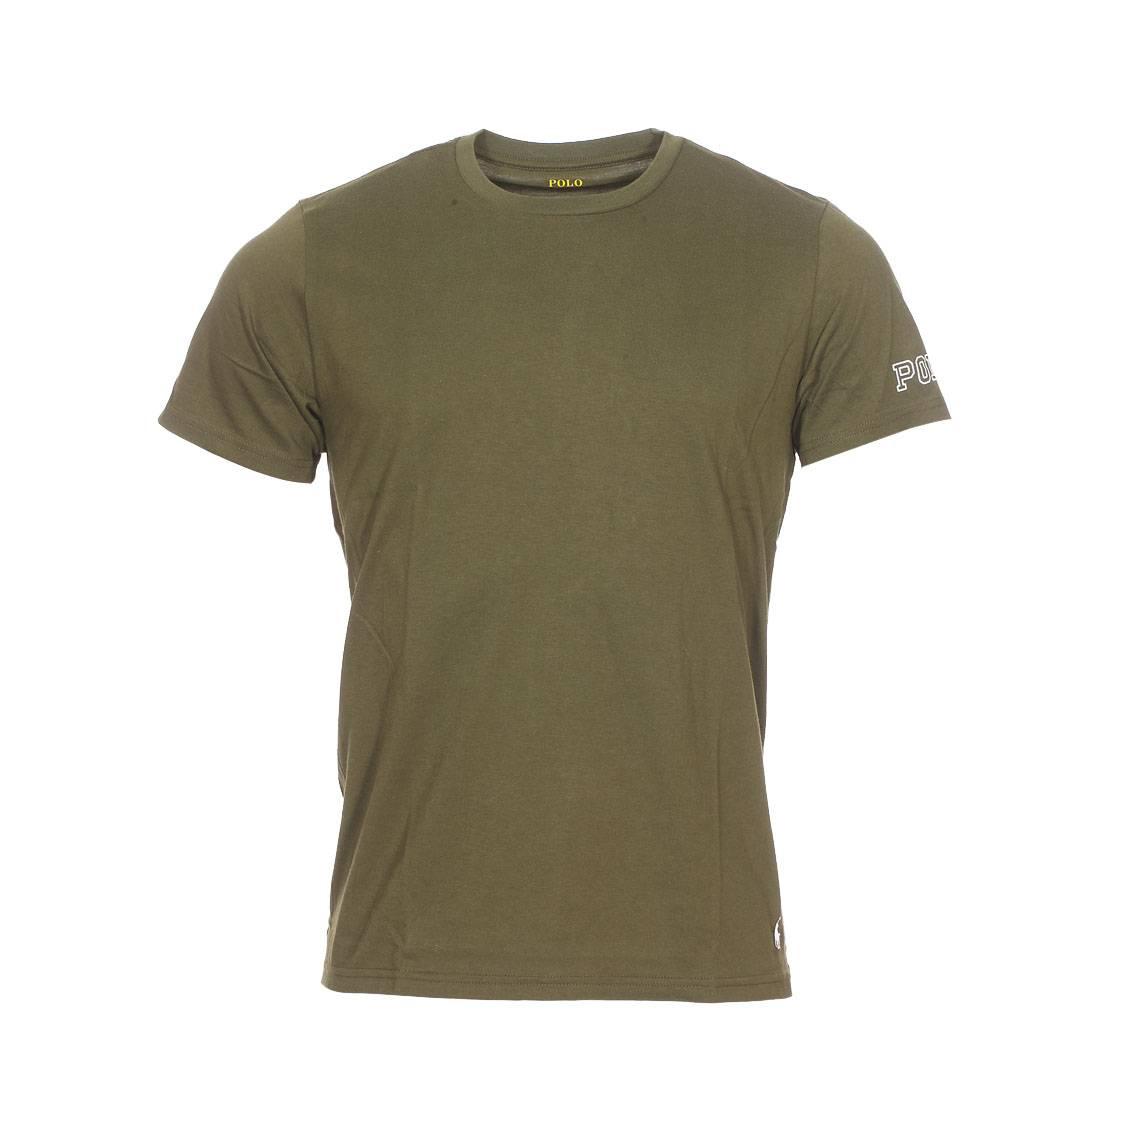 Tee-shirt col rond  en coton stretch vert olive floqué sur la manche